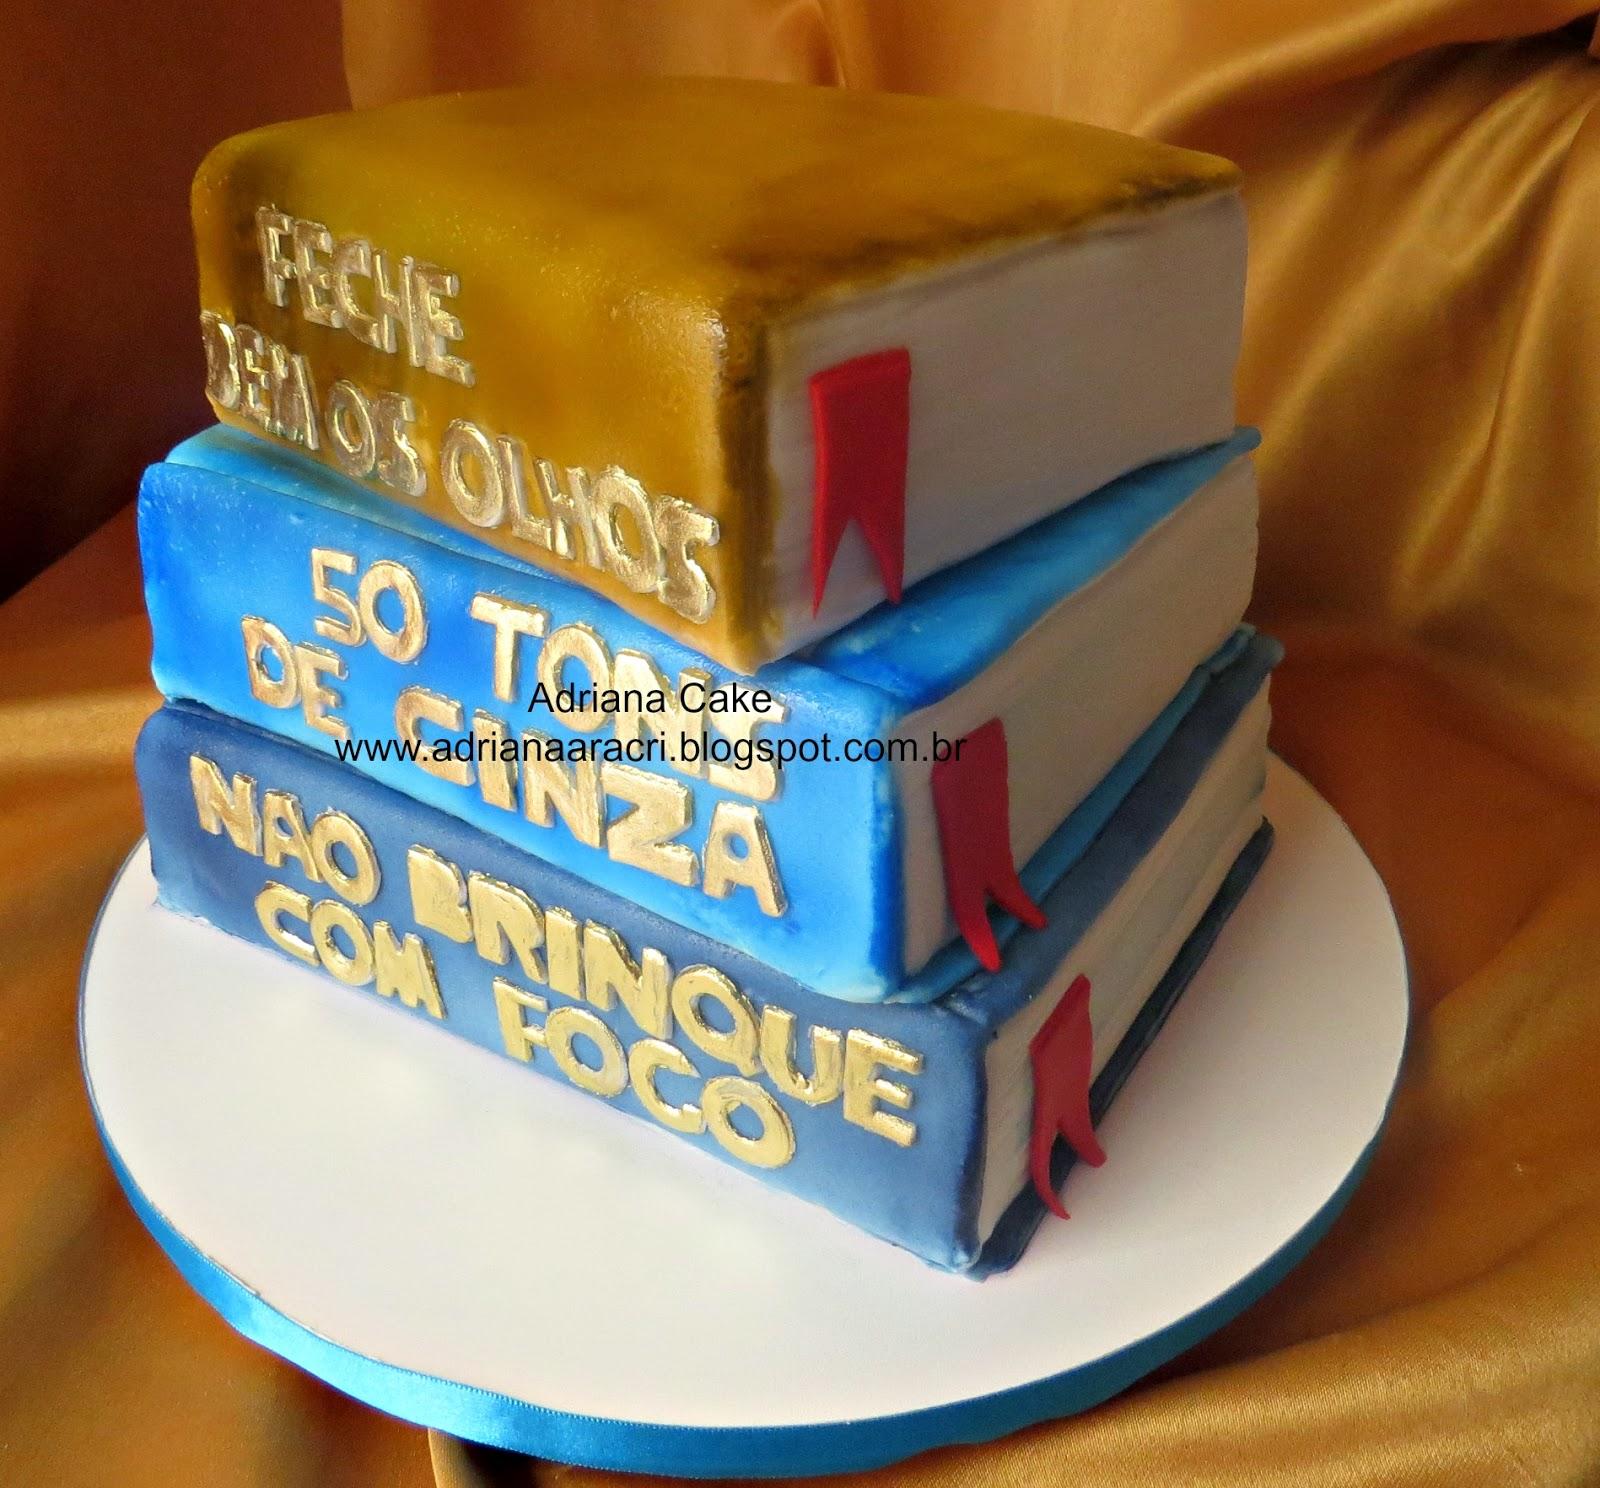 Baños Decorados Navidenos:bolos decorados adriana aracri são paulo sp brasil bolos decorados